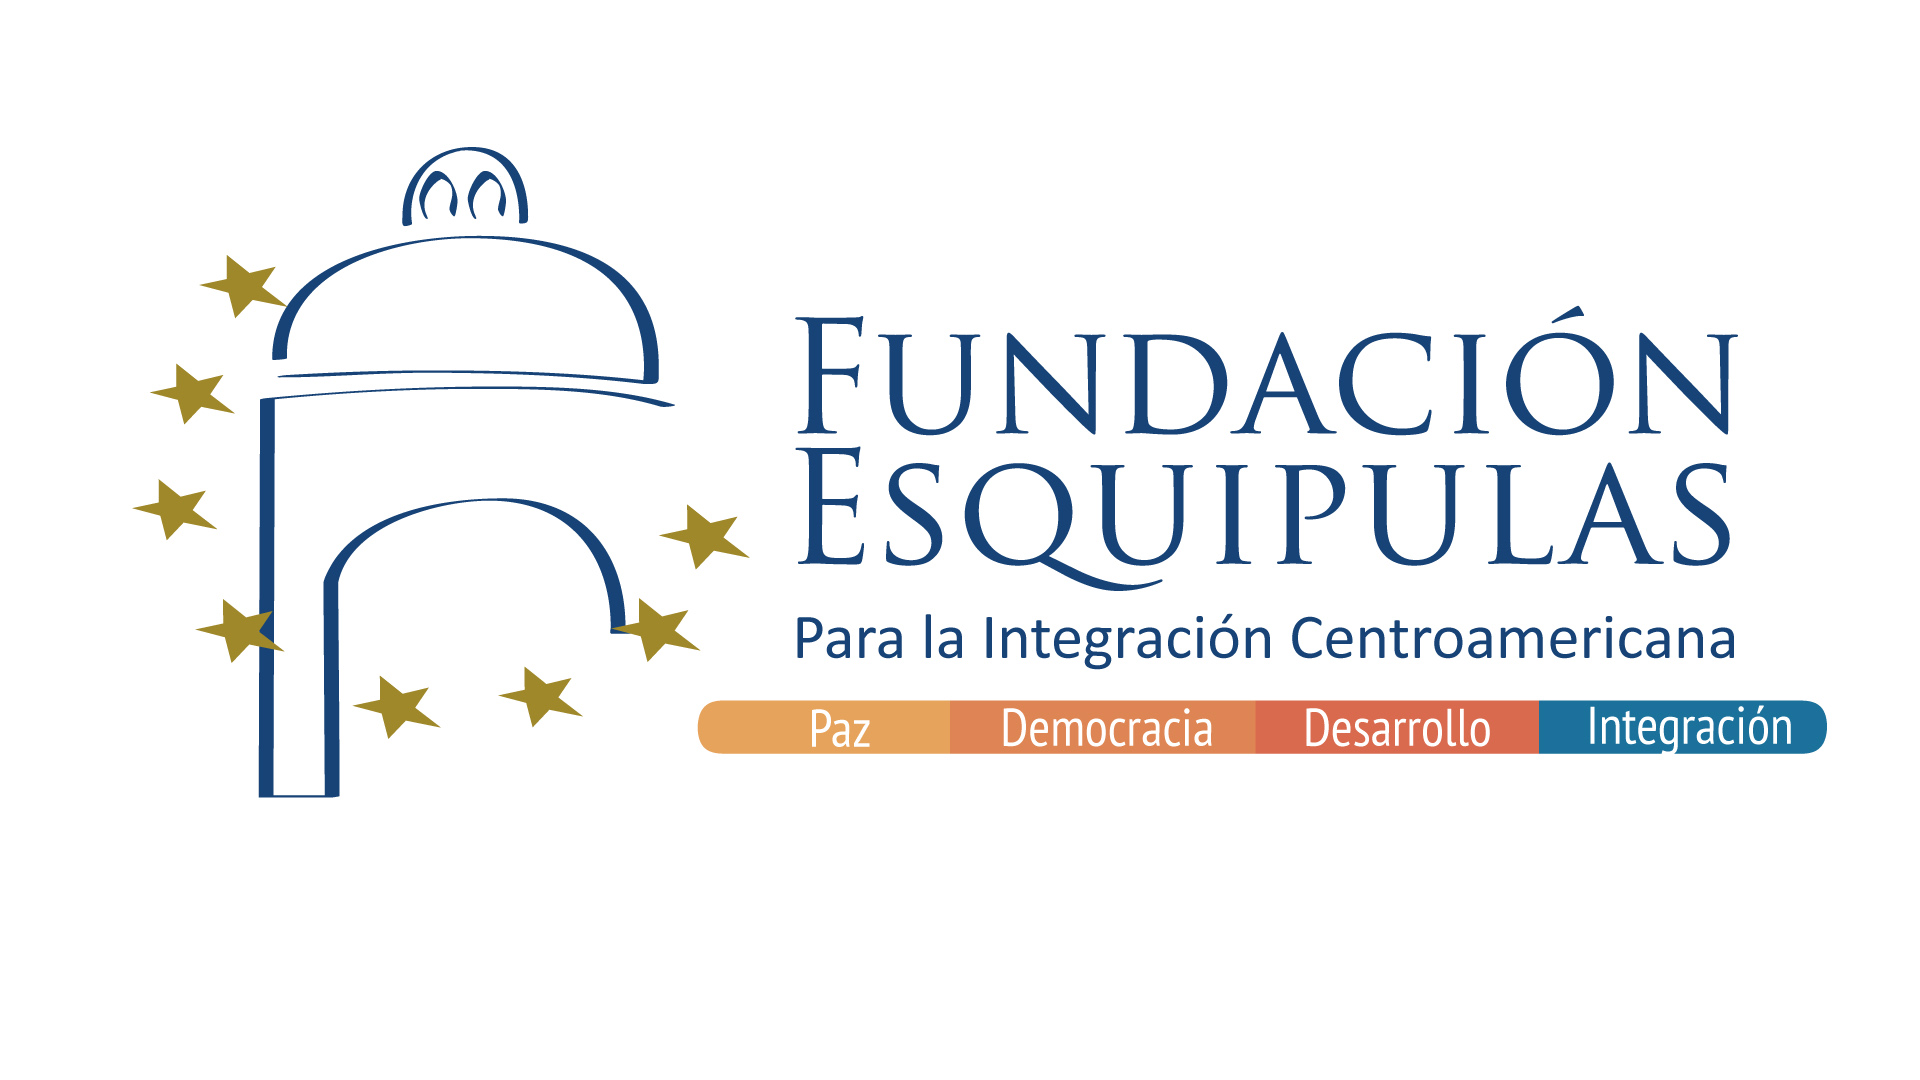 Fundación Esquipulas